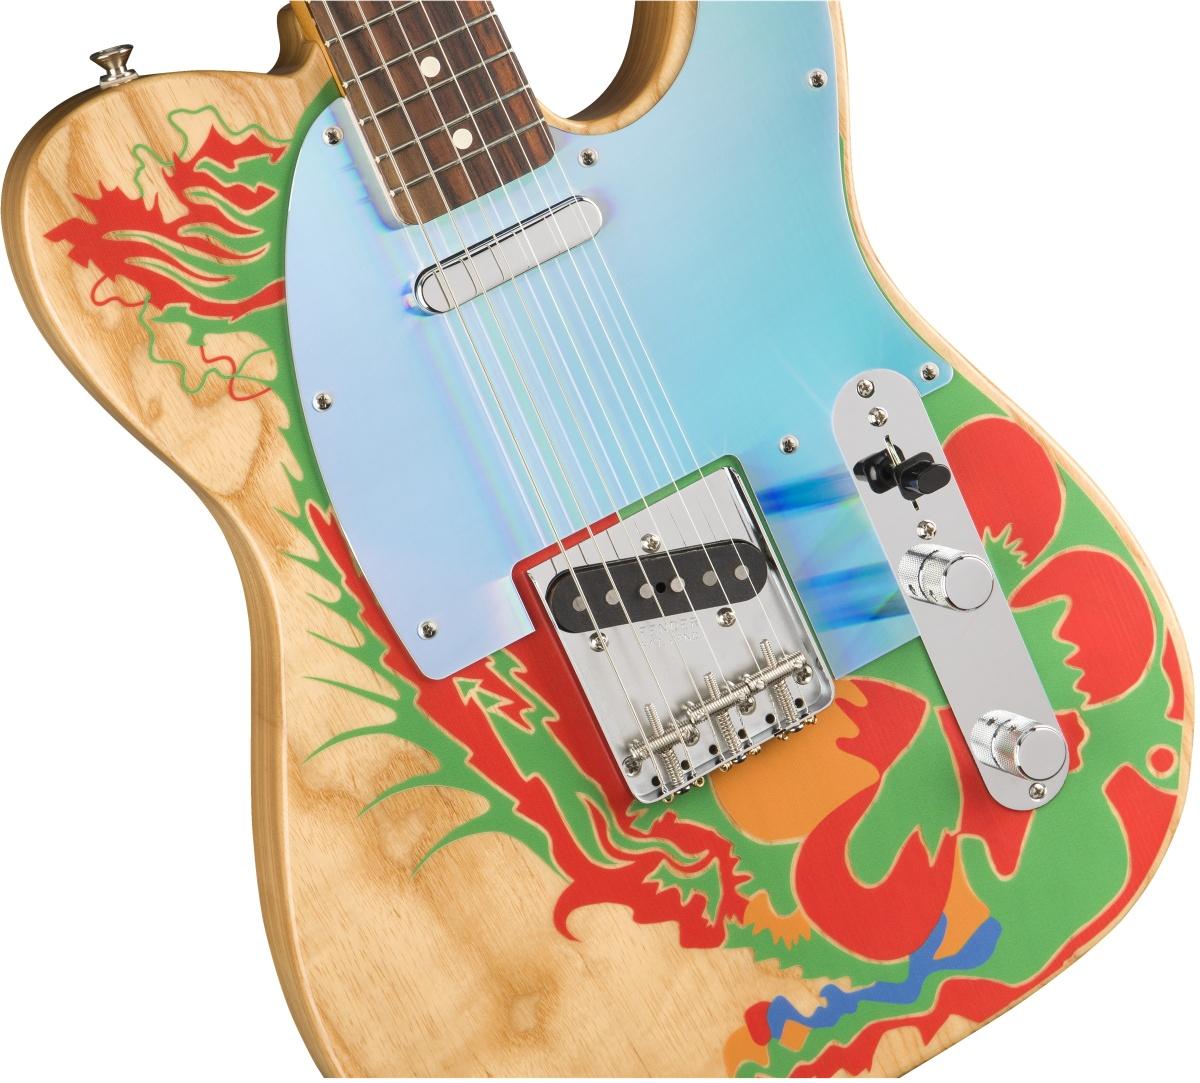 未使用 ドラゴンテレキャスター を再現 ジミーペイジモデル登場 タイムセール:2日12時まで Fender Jimmy Page +0885978806249》 Rosewood 《純正ギグケースプレゼント 流行のアイテム Natural 新品特価 Fingerboard Telecaster